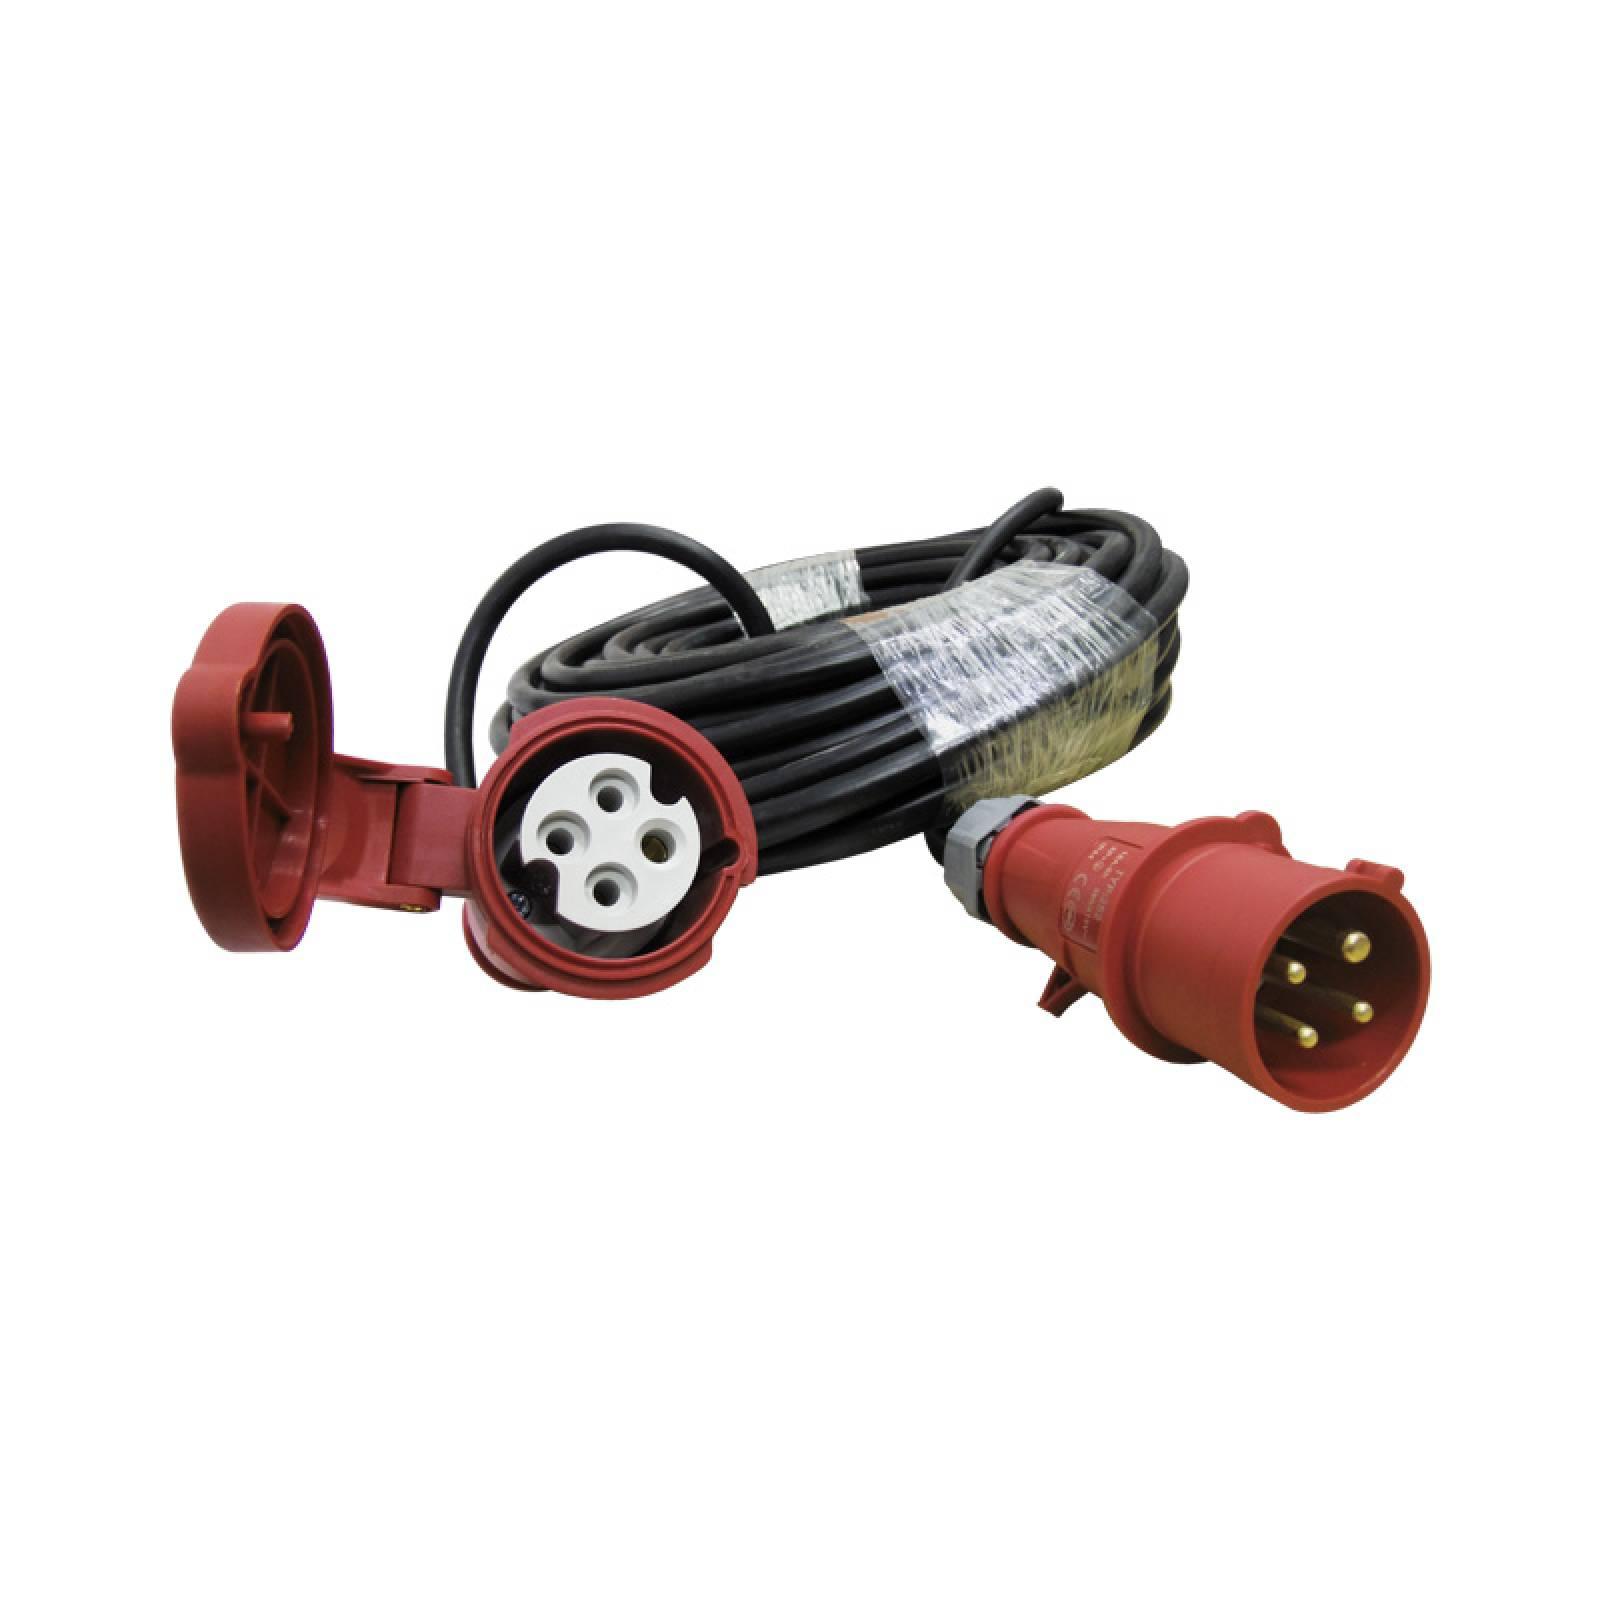 Cable Electrico Para Polipasto Electrico con 30M Mode Hoist